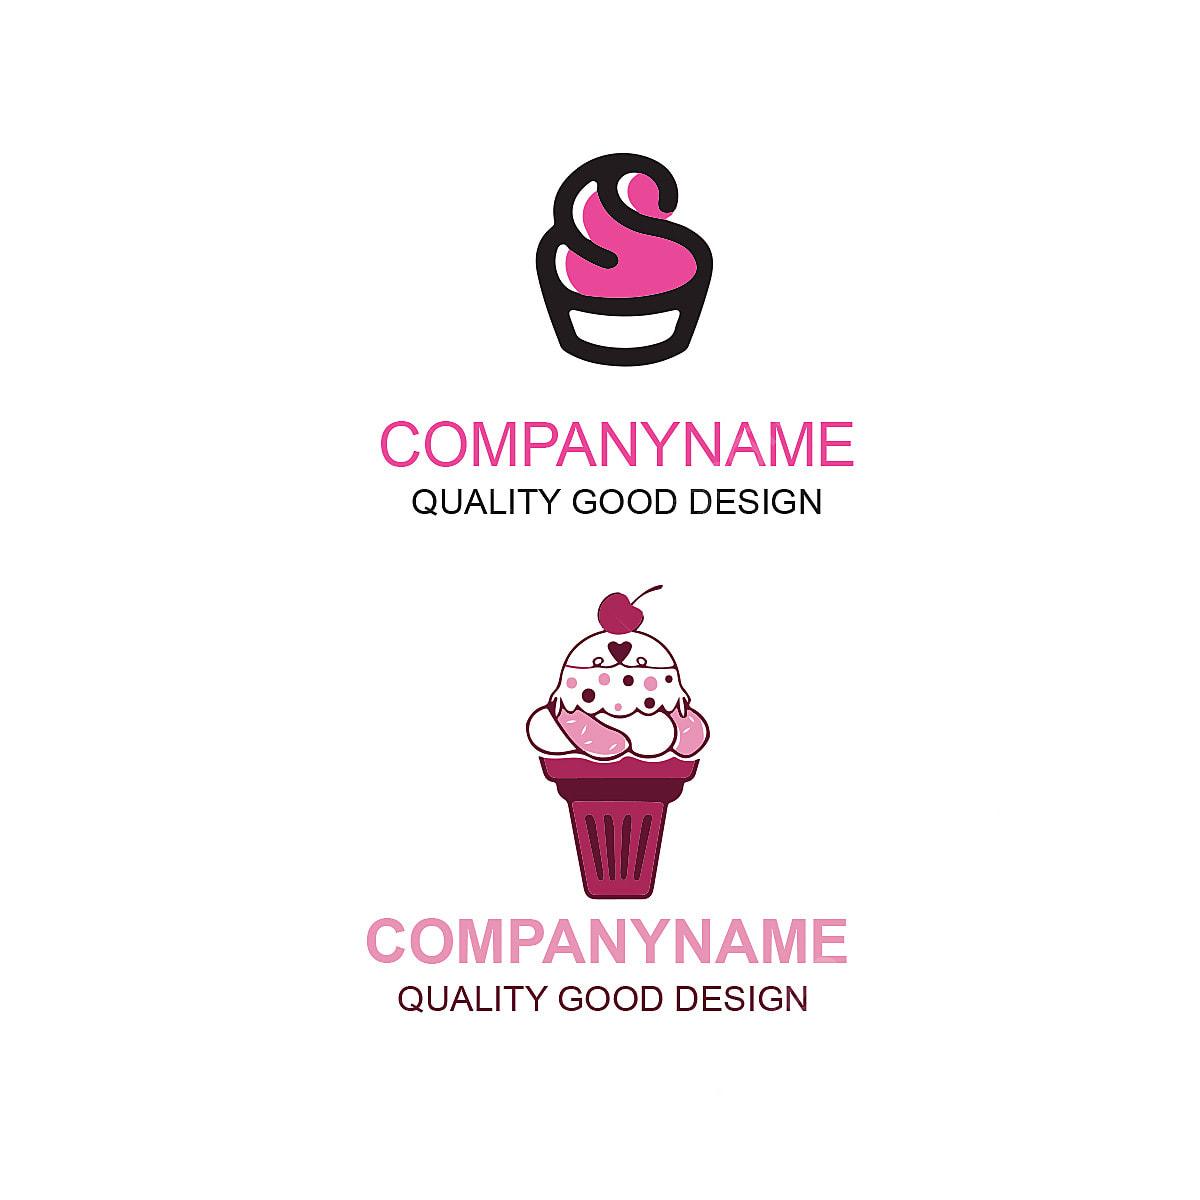 كيك كريم تصميم شعار قالب تحميل مجاني على ينغتري